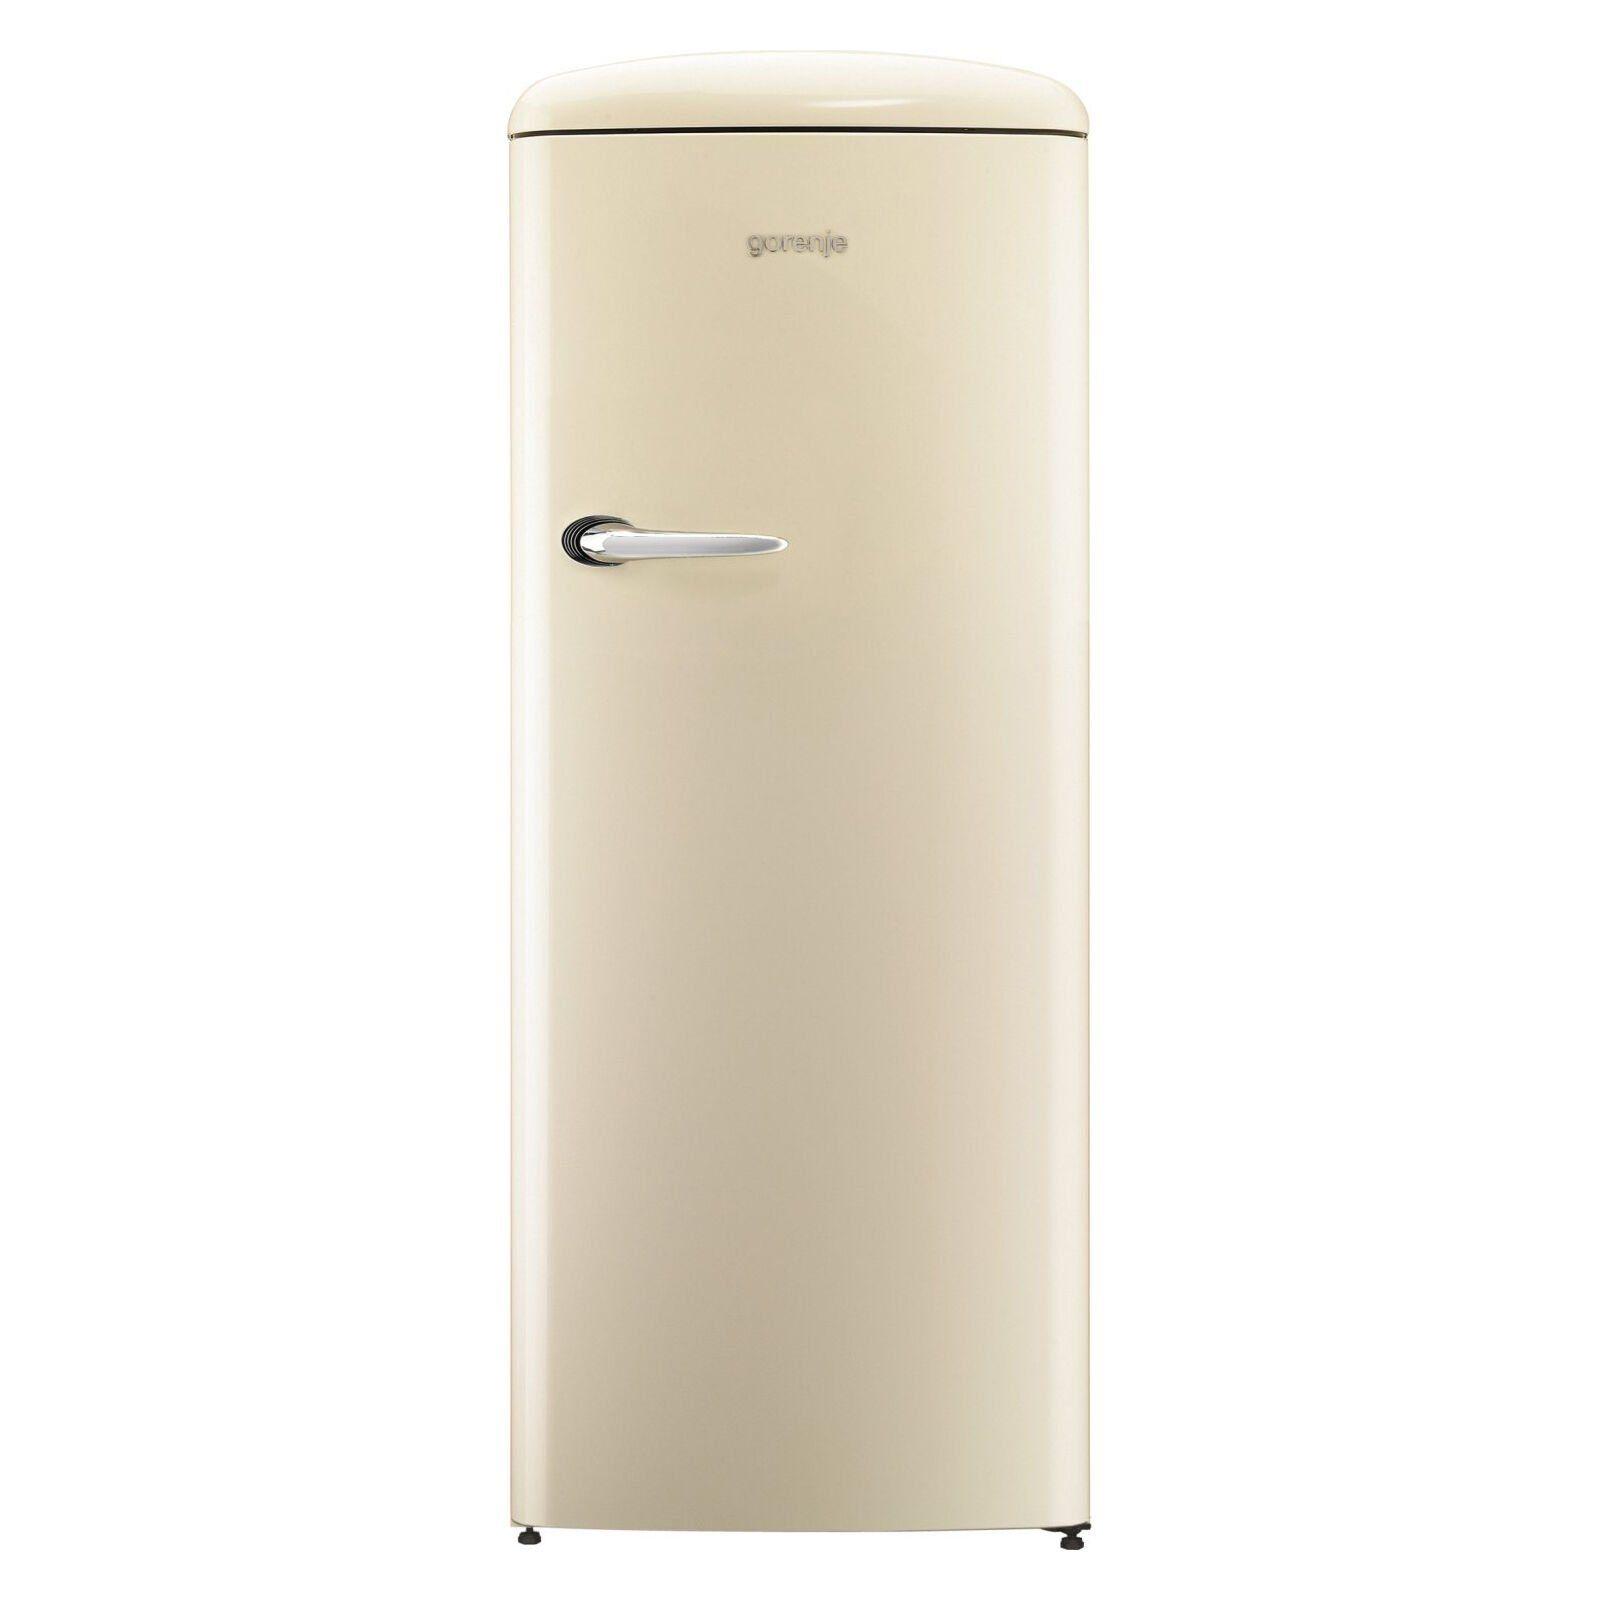 Gorenje Kühlschrank ORB153C-R, 154.0 cm hoch, 60.0 cm breit, Energieeffizienzklasse A+++